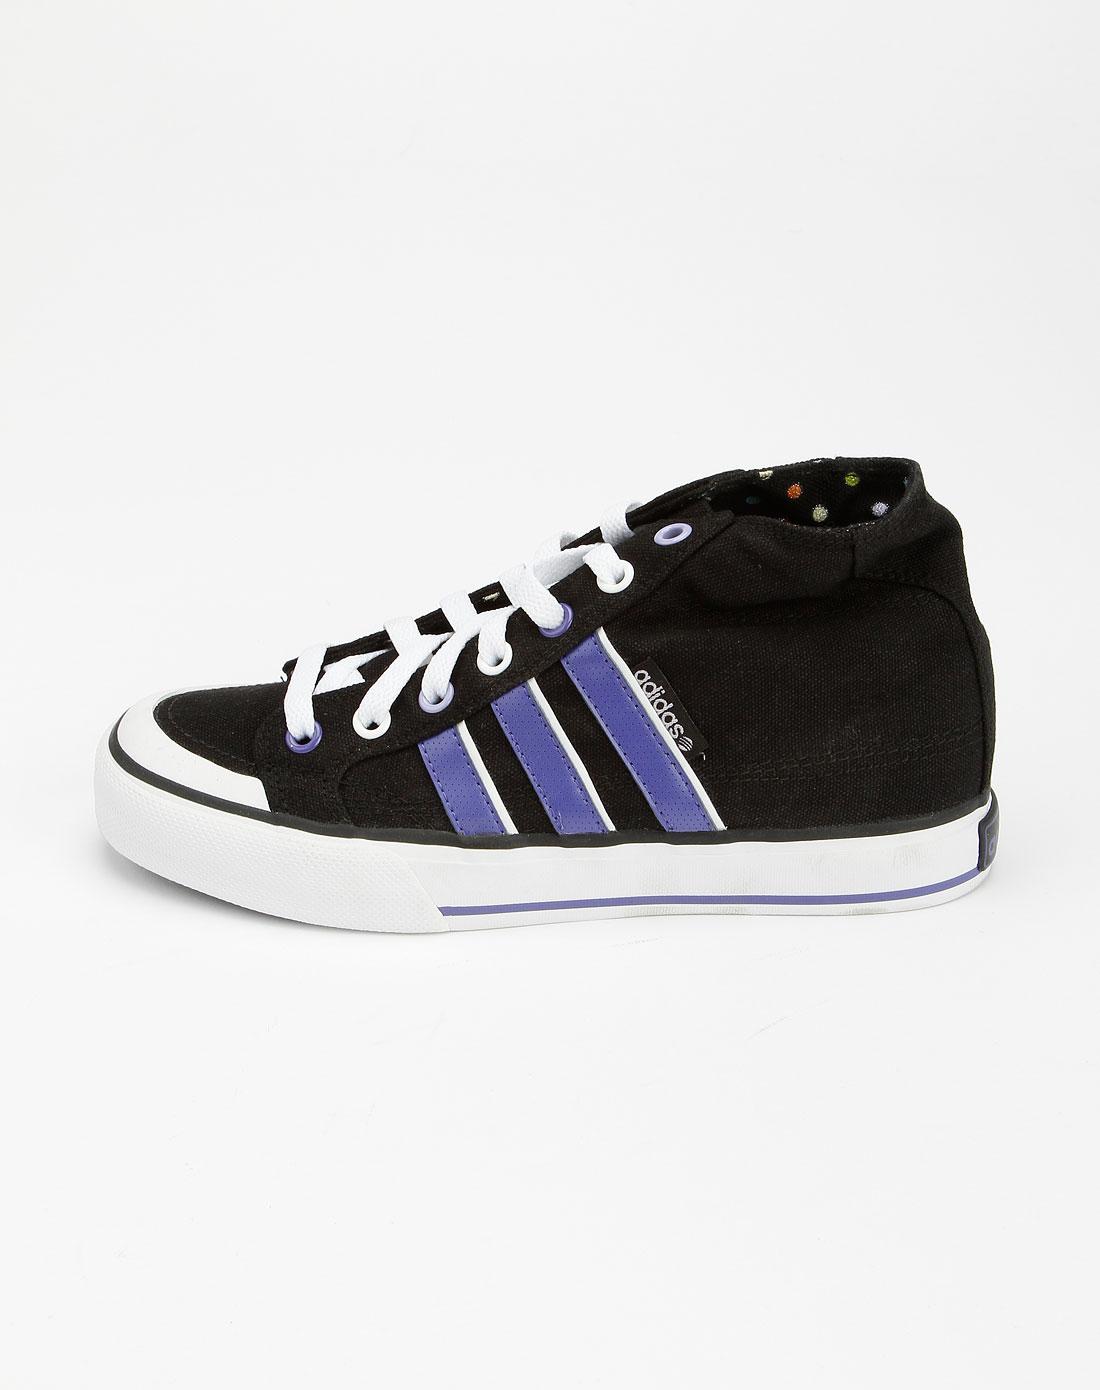 阿迪达斯adidas-neo 女款黑/紫色中帮帆布鞋